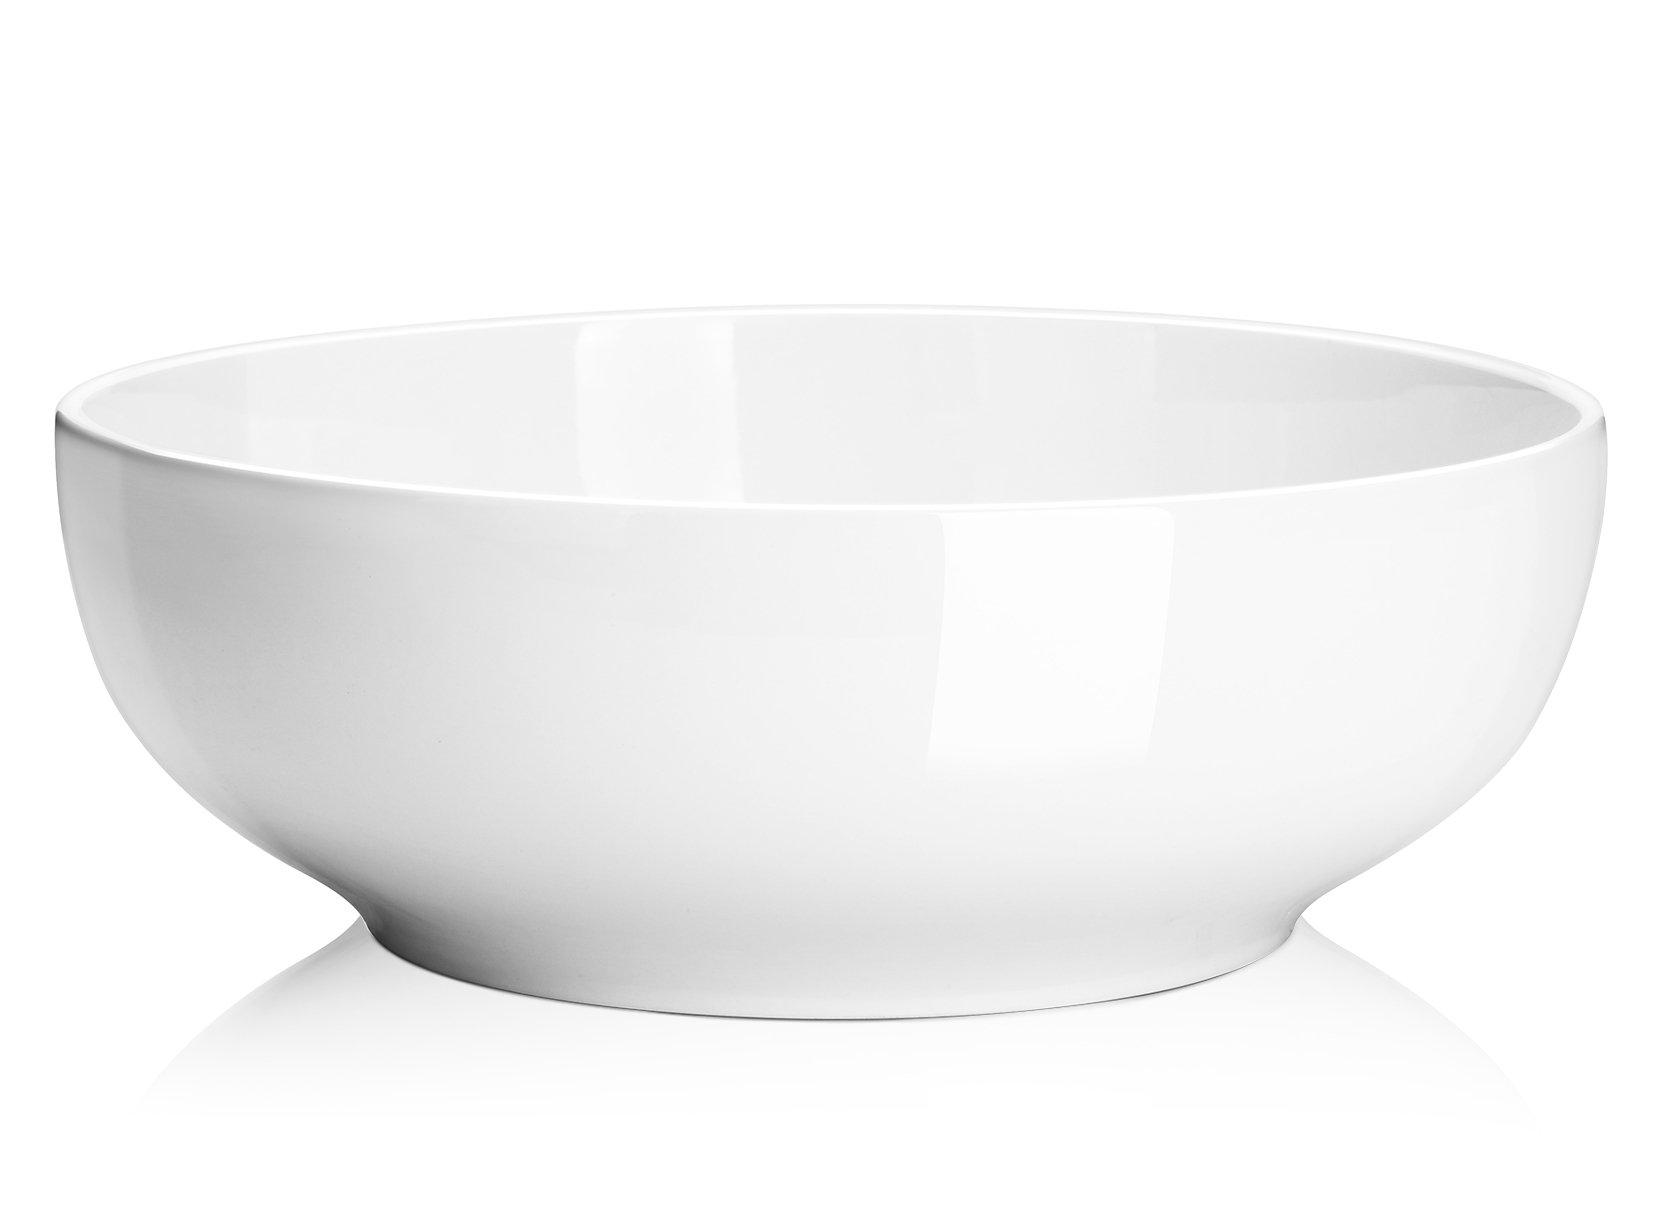 (2 Packs) DOWAN 2-1/2 Quart Porcelain Serving Bowls - Salad/Pasta Bowl Set, White, Stackable